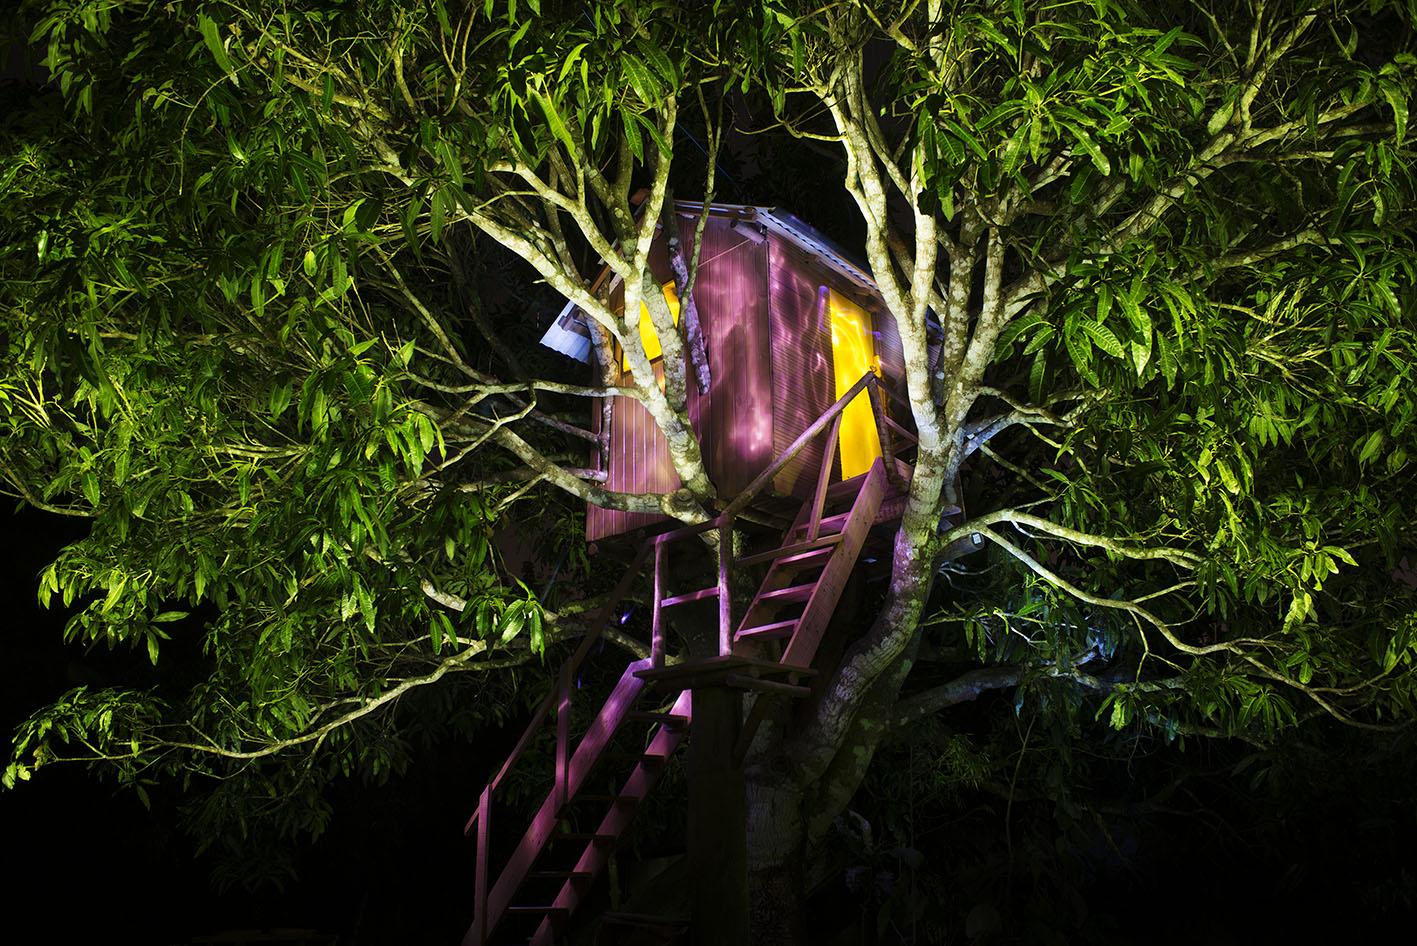 Renan Cepeda, Sem Título - Série Novo Normal, Velho Essencial, Fotografia, 100 x 150 cm, 2020, Tiragem 1 de 5